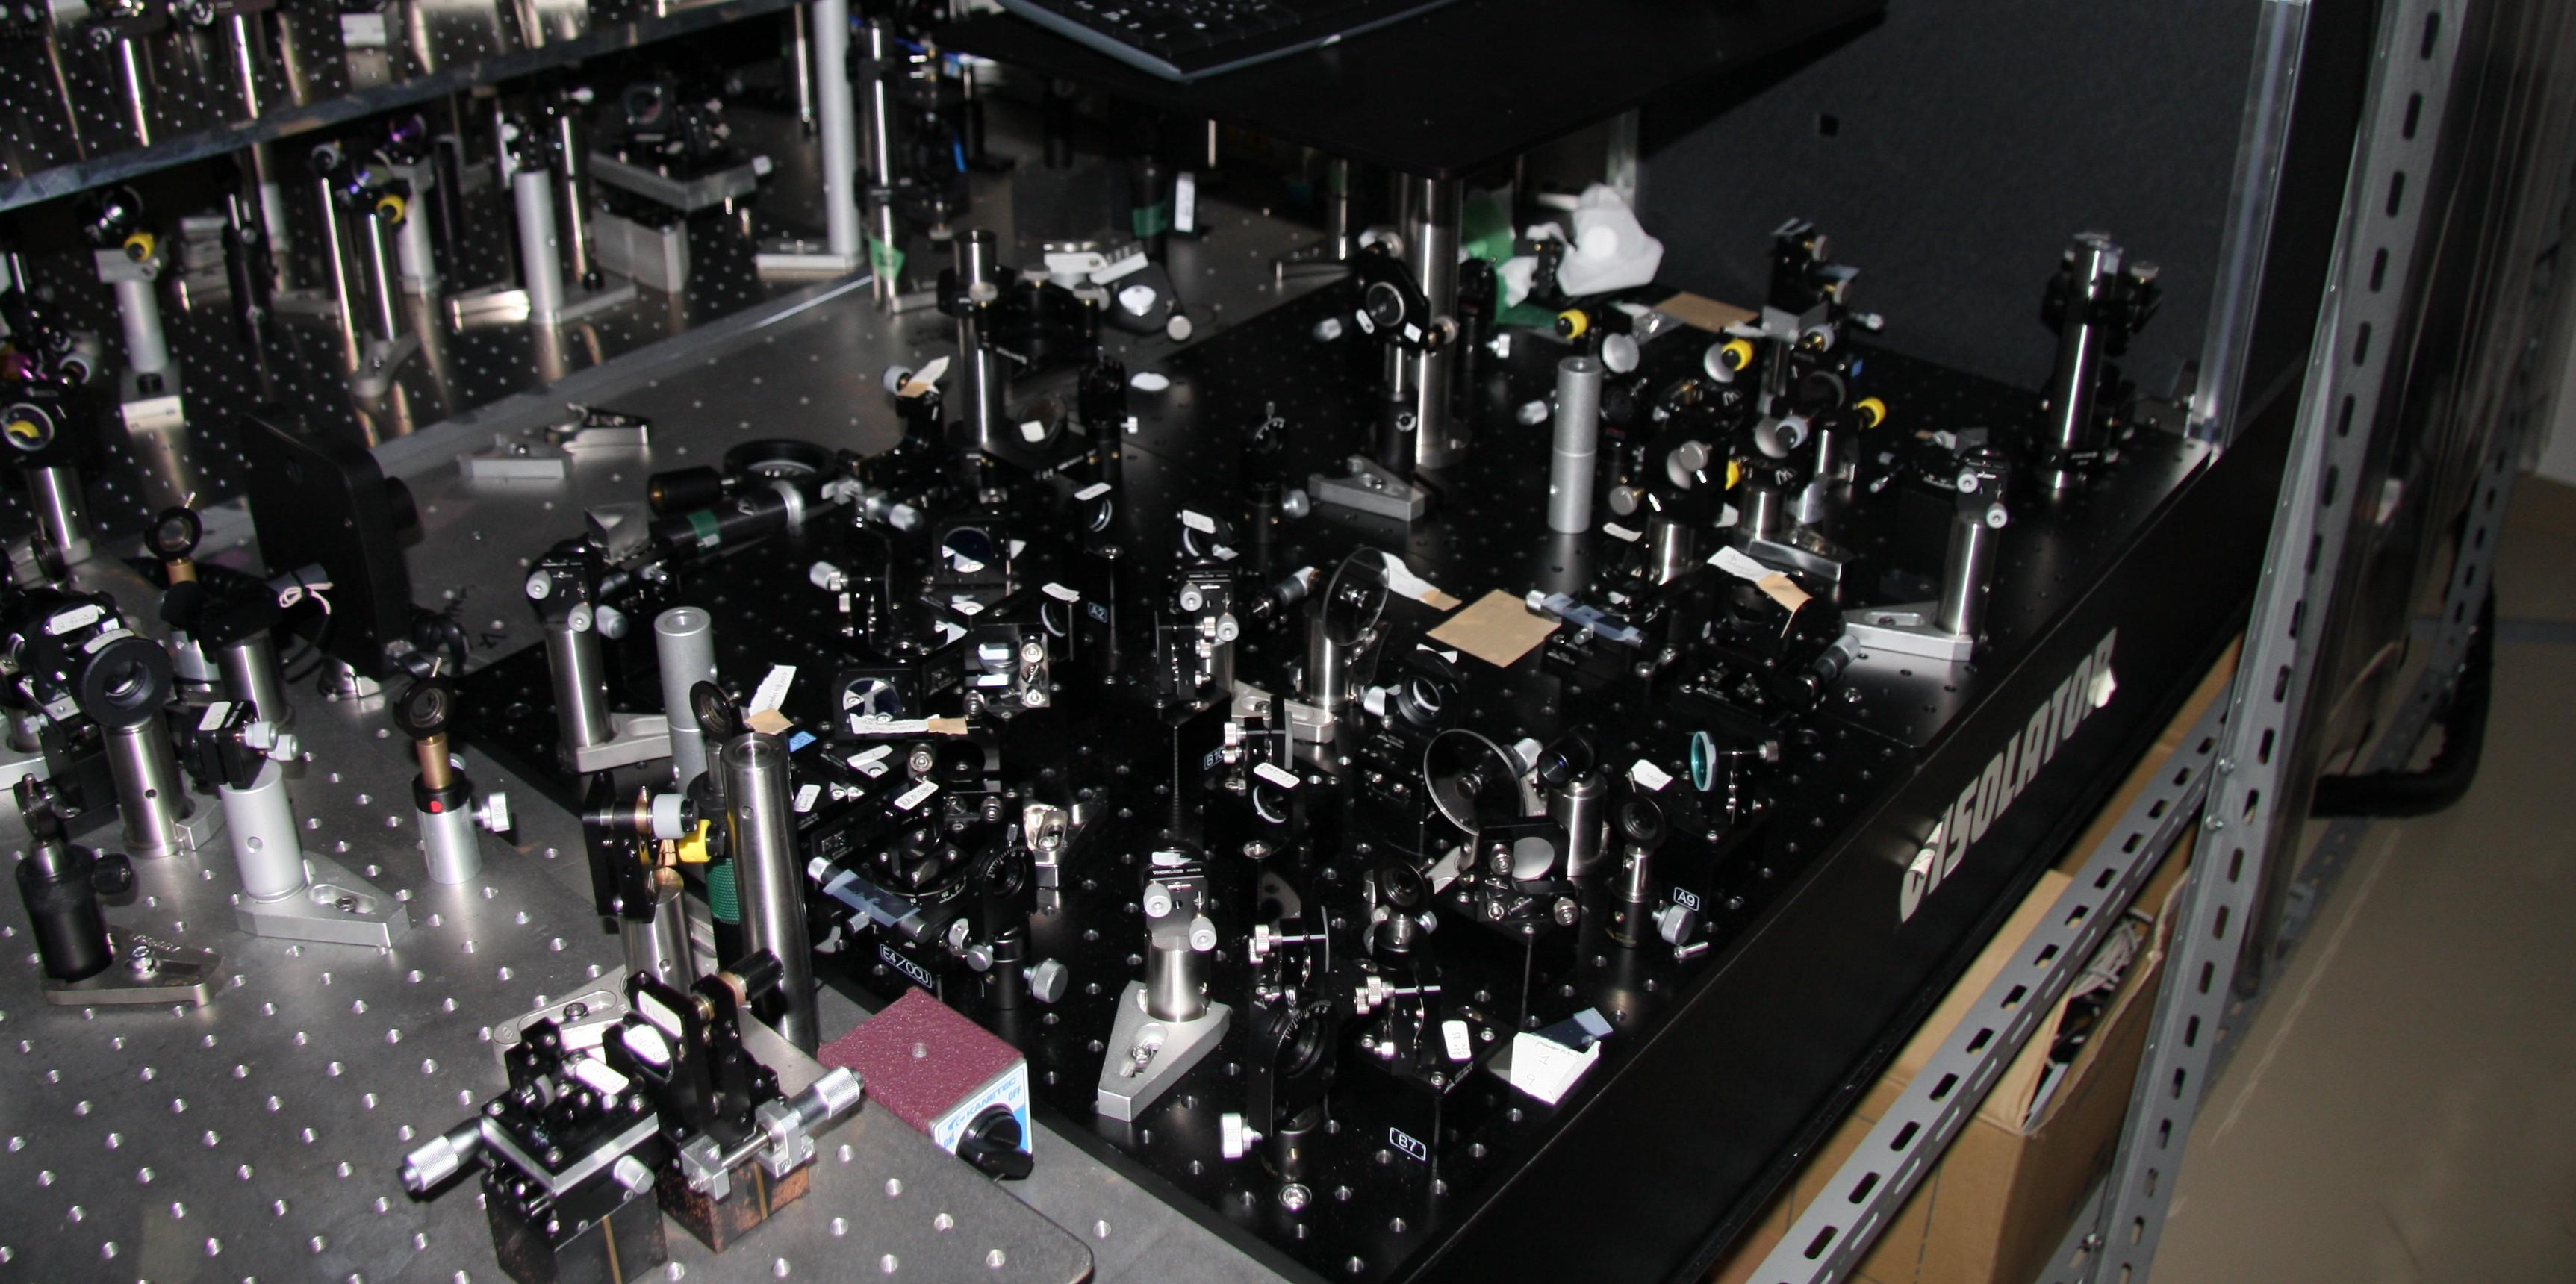 Sub 10 femtosecond non-coaxial optical parametric amplifier